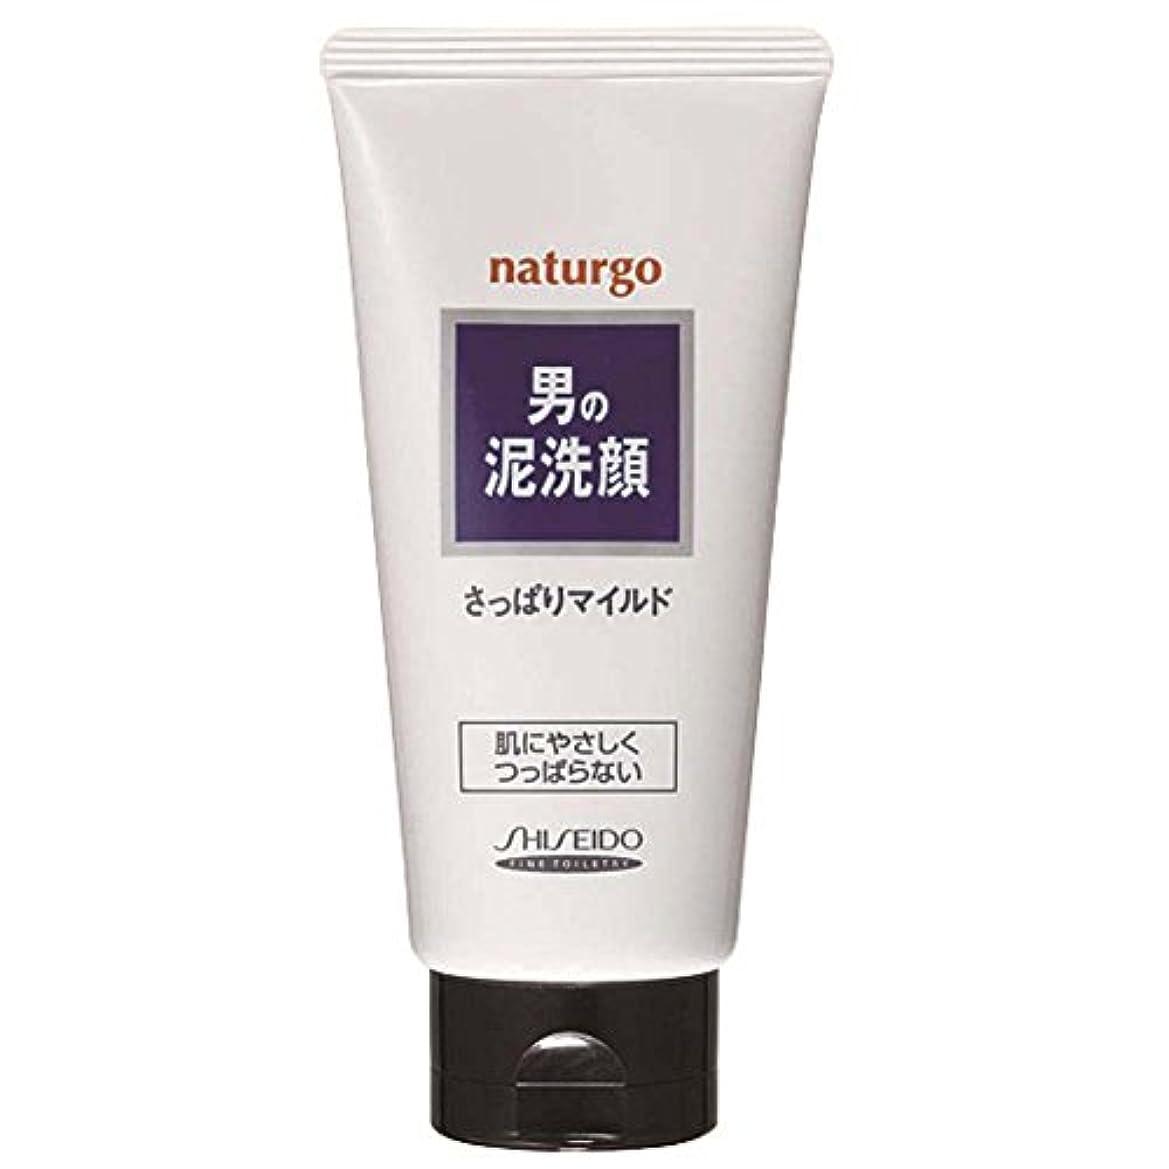 ラベコントローラ解放ナチュルゴ メンズクレイ洗顔フォーム白 130g [並行輸入品]